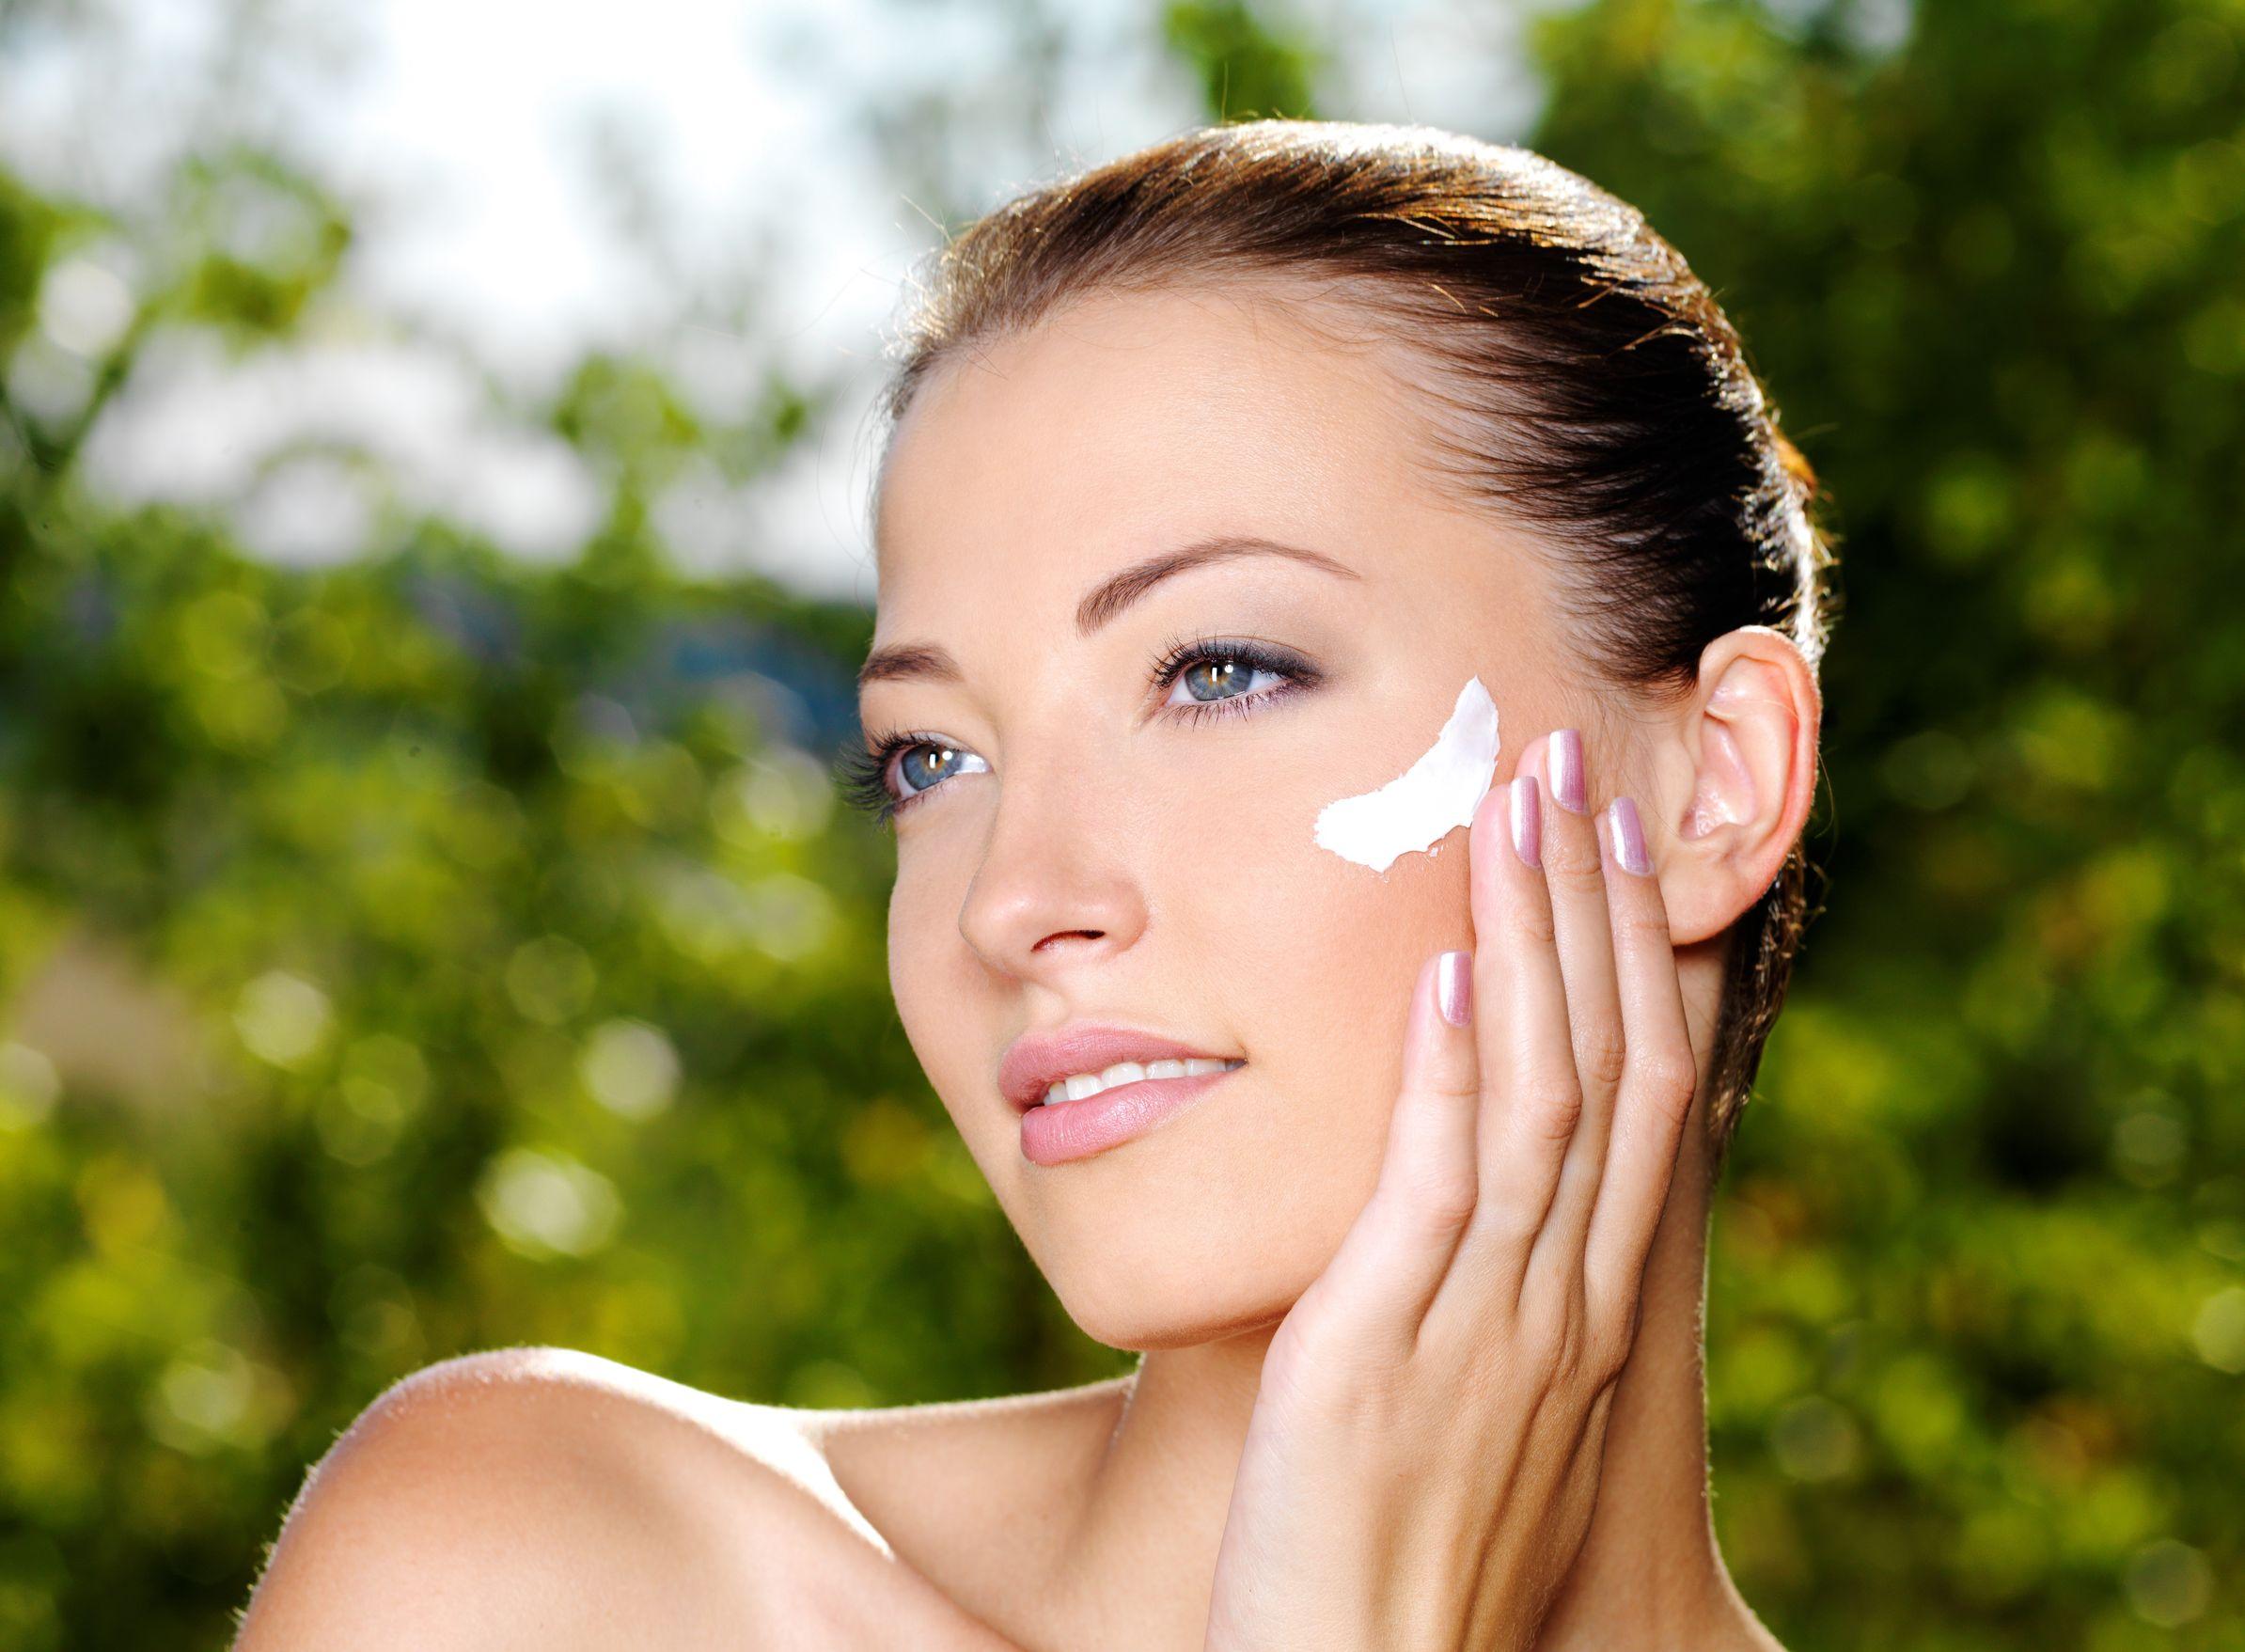 Преимущества косметики из натуральных ингредиентов